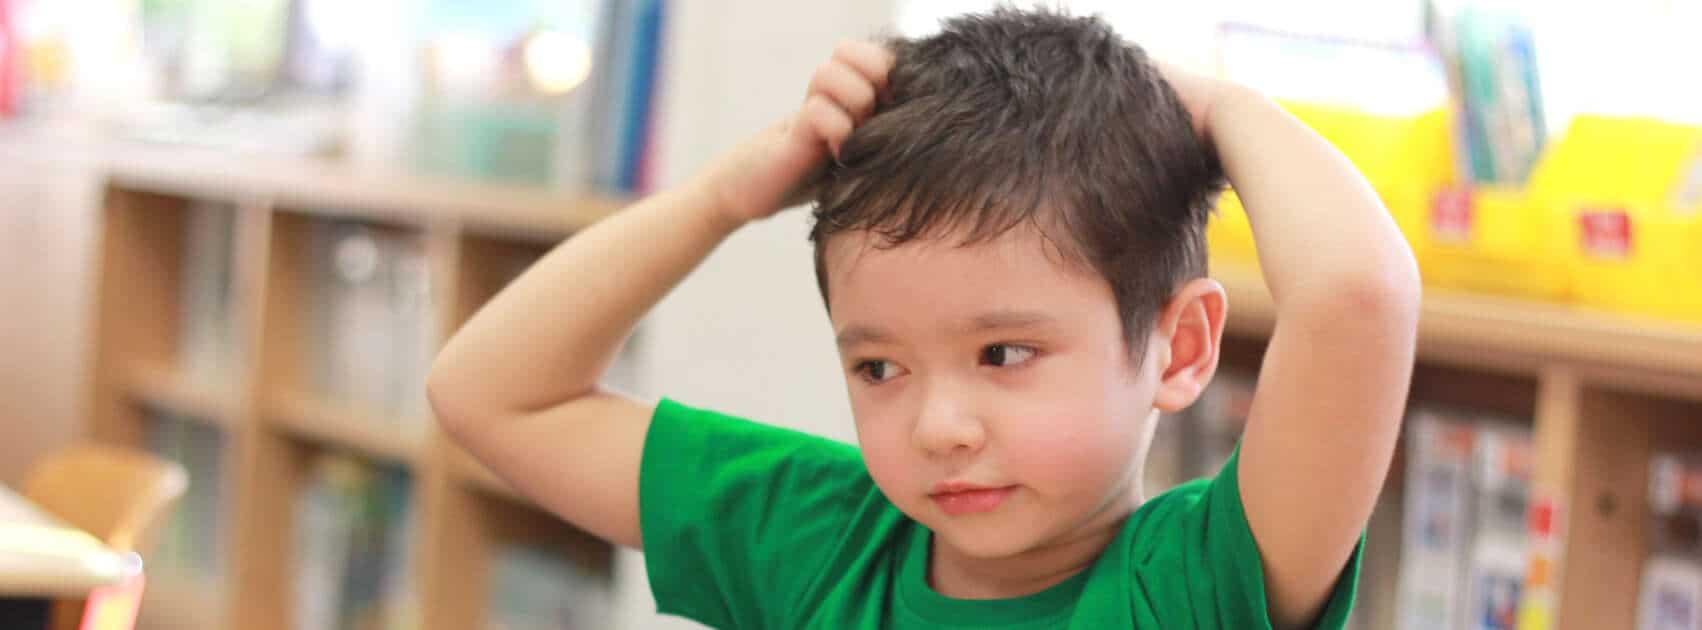 Enfant avec démangeaison